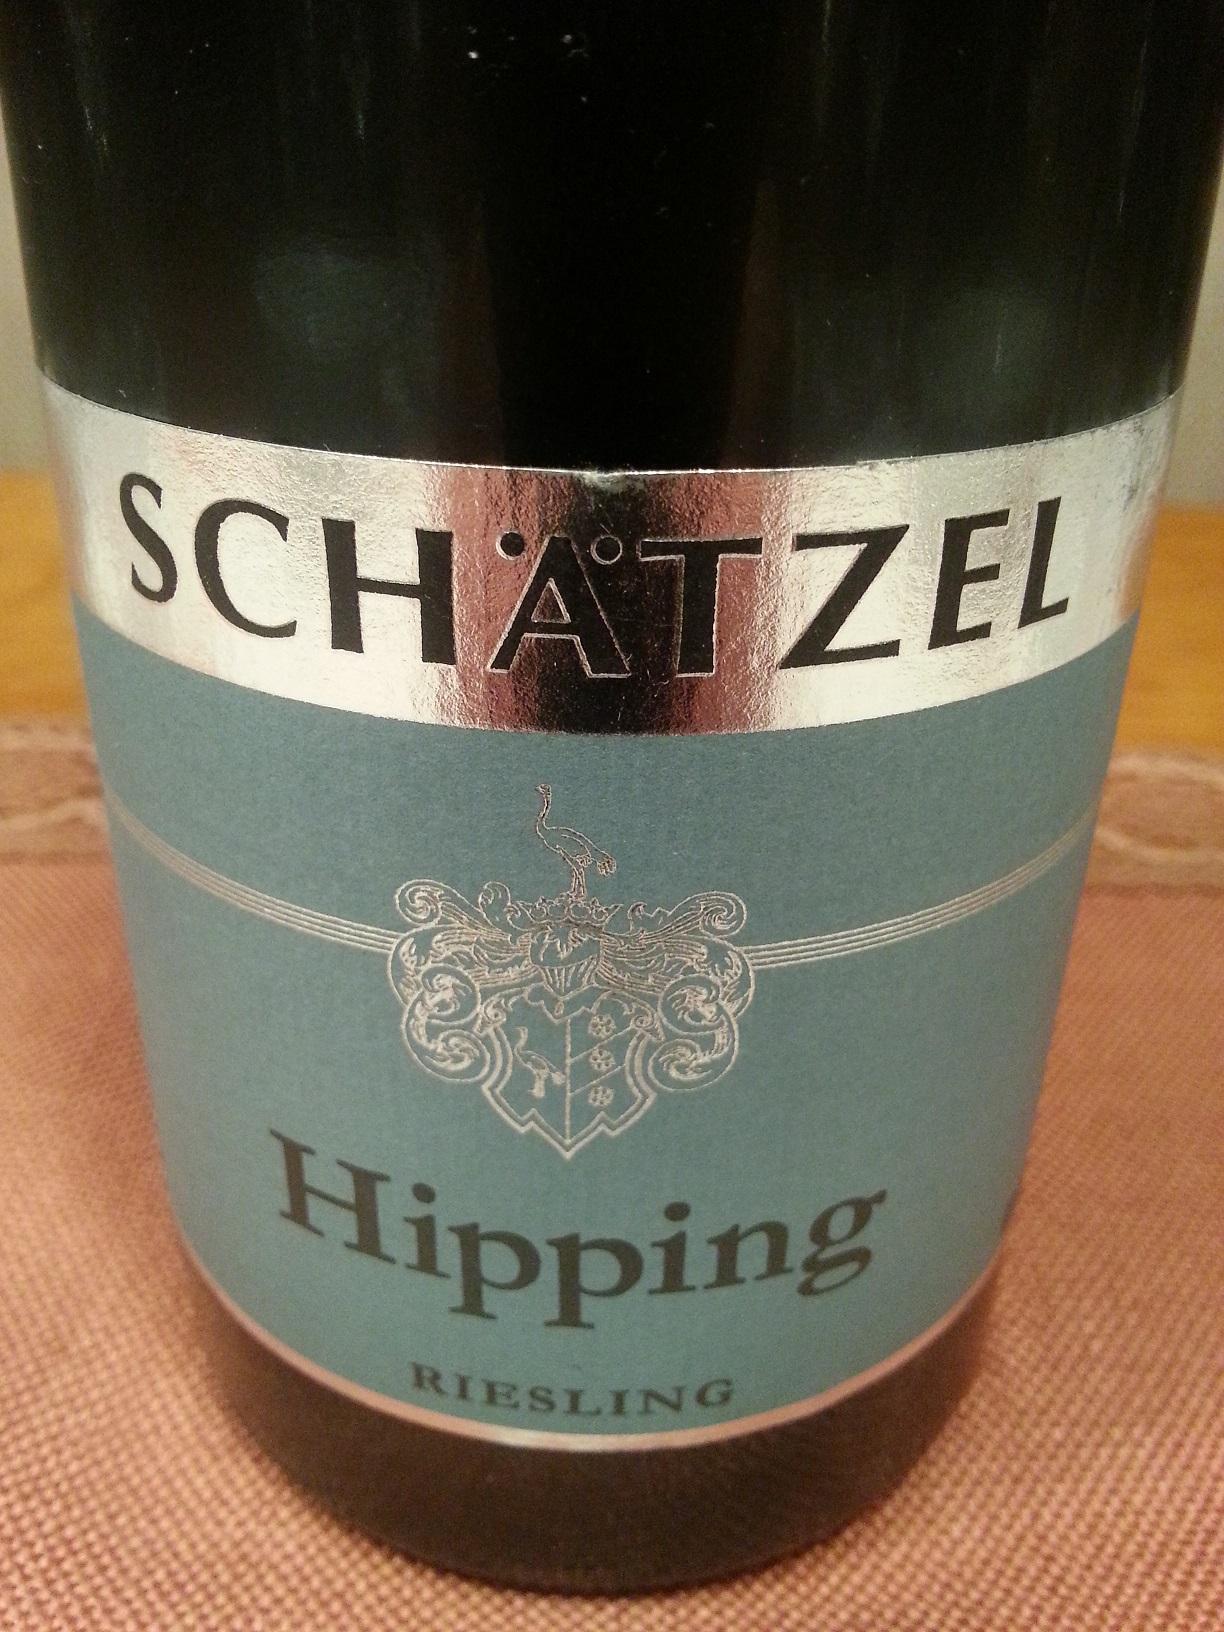 2011 Riesling Hipping | Schätzel